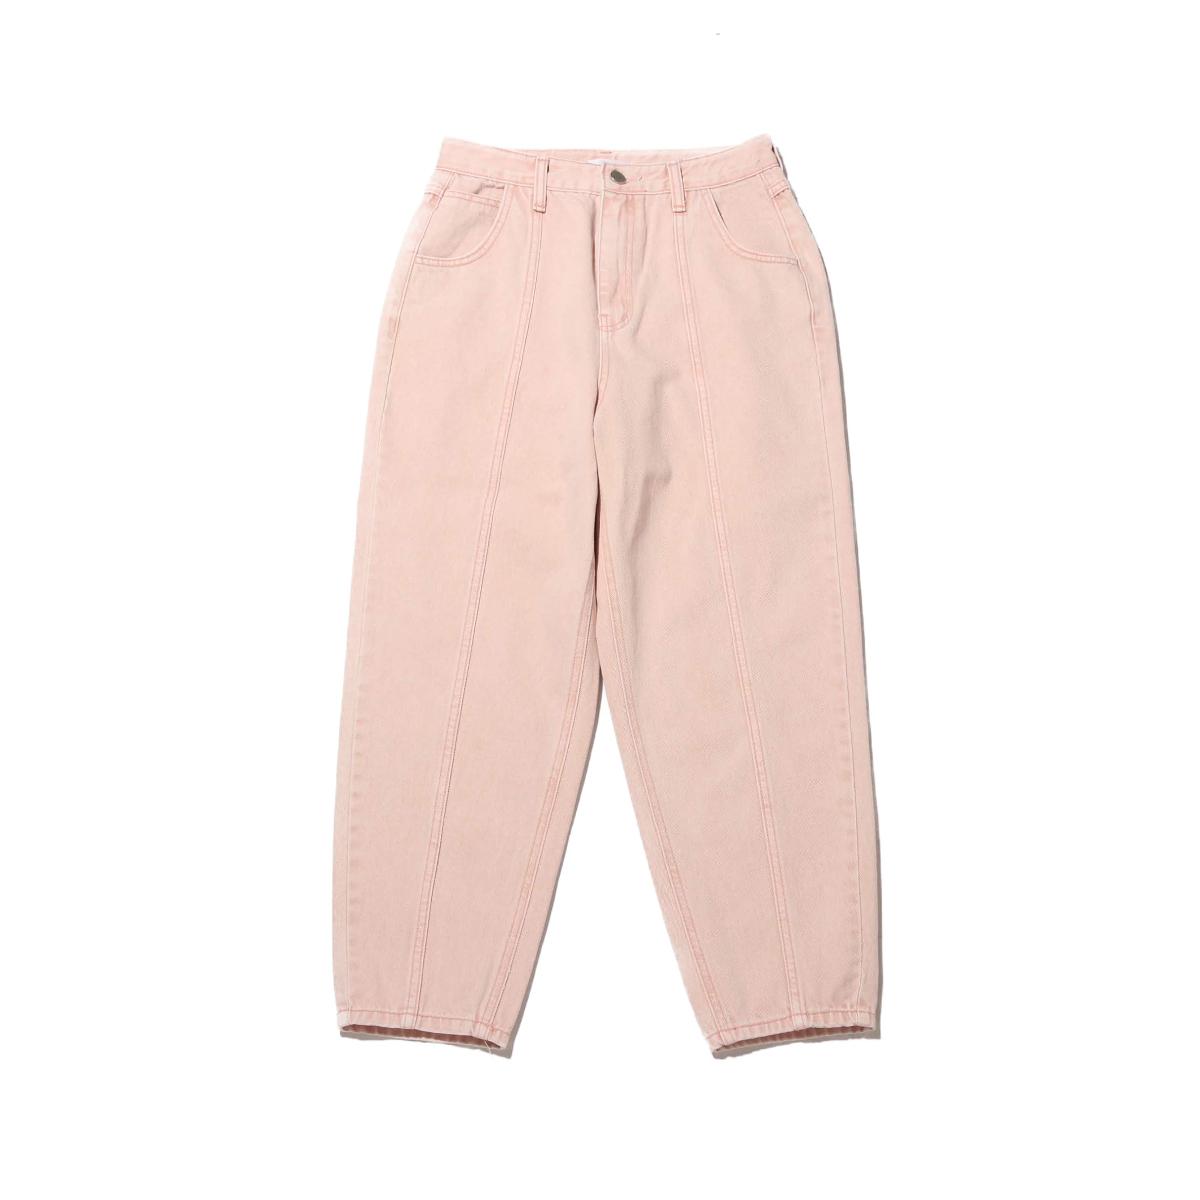 atmos pink パステルカラー パンツ(アトモスピンク パステルカラー パンツ)PINK【レディース ロングパンツ】20SP-I